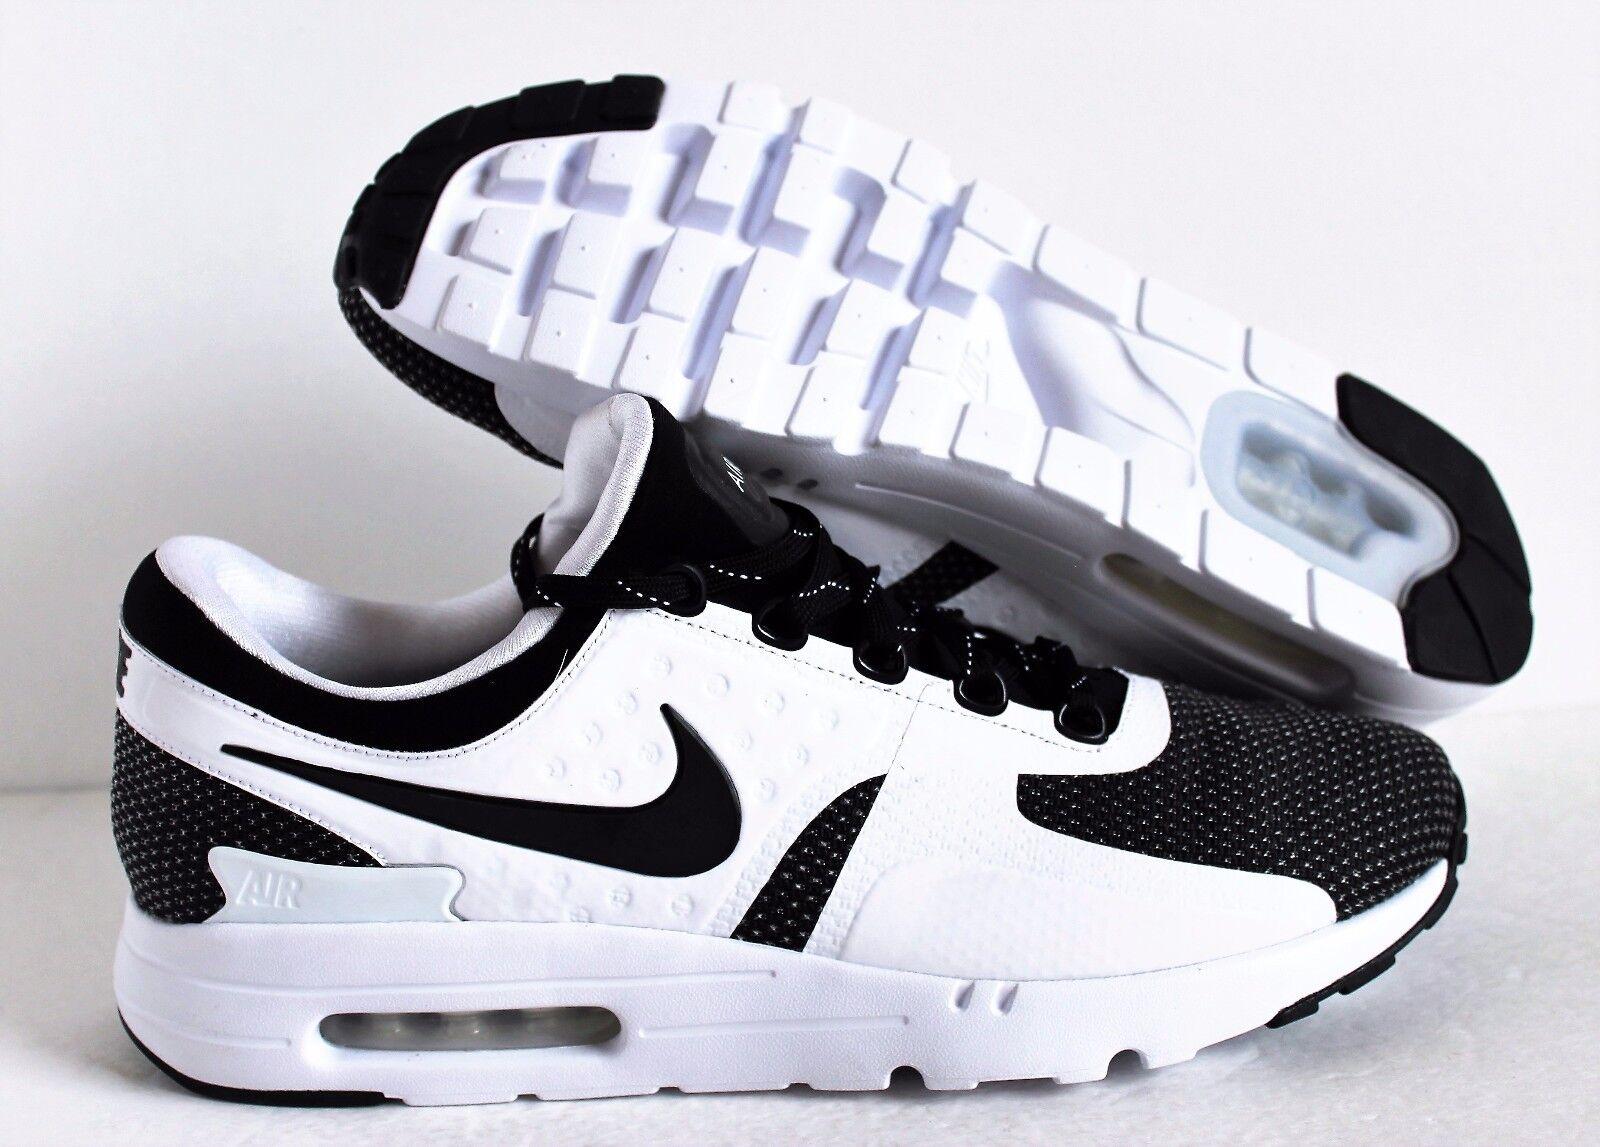 Nike Air Max Zero 13 ID Black-White  SZ 13 Zero [853860-901] ce2626